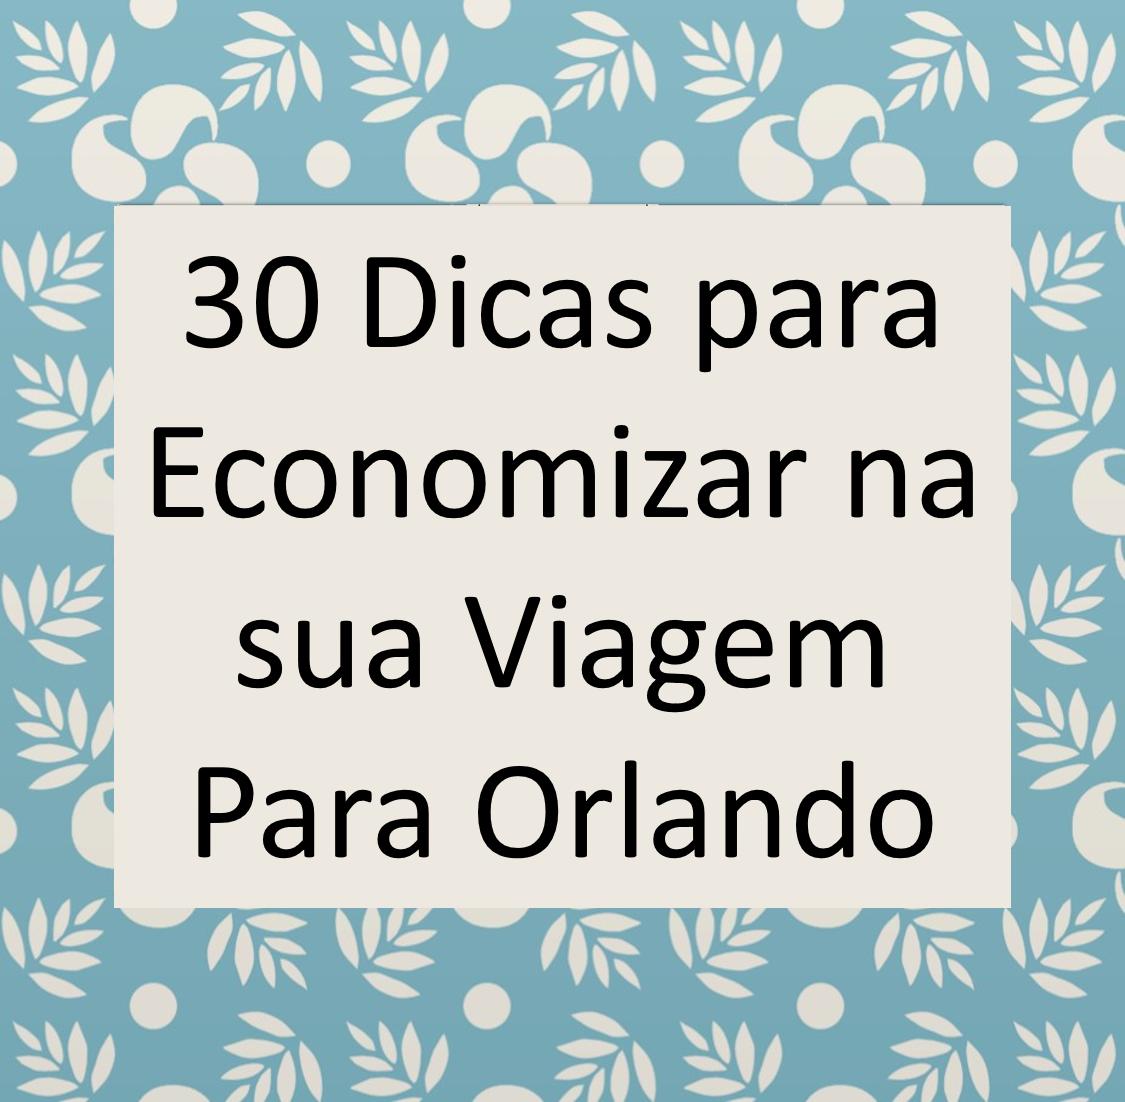 478b07fc3e 30 Dicas para Economizar na sua Viagem Para Orlando - Orlando Econômico